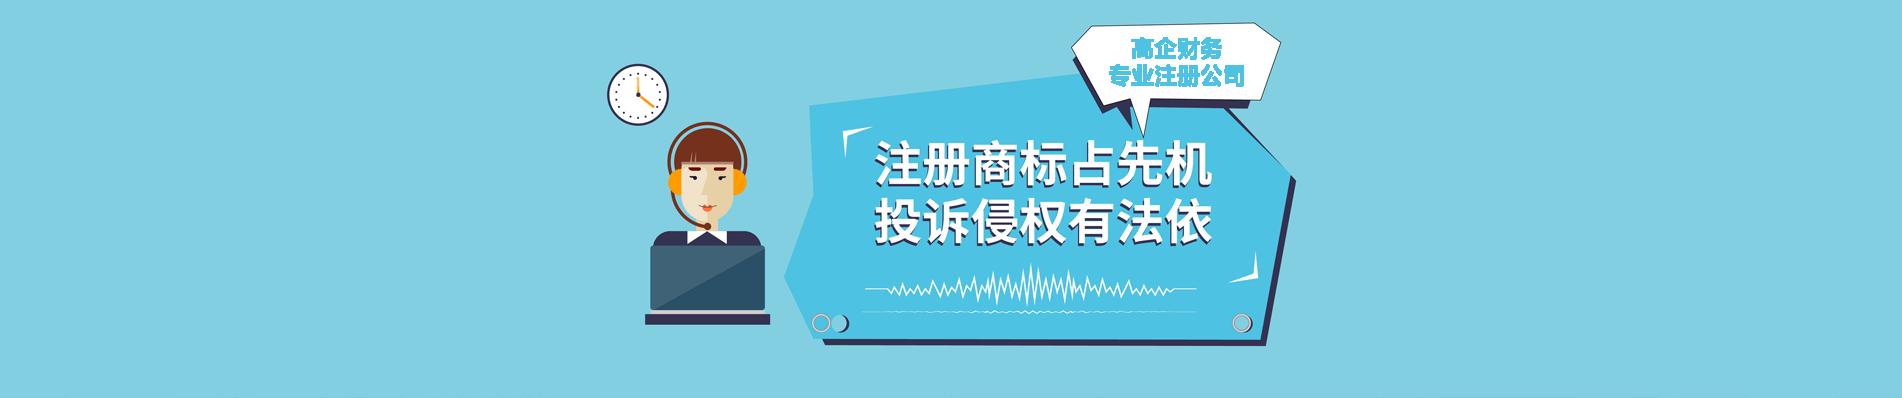 南京高企財務,您身邊的稅務,財務代理專家